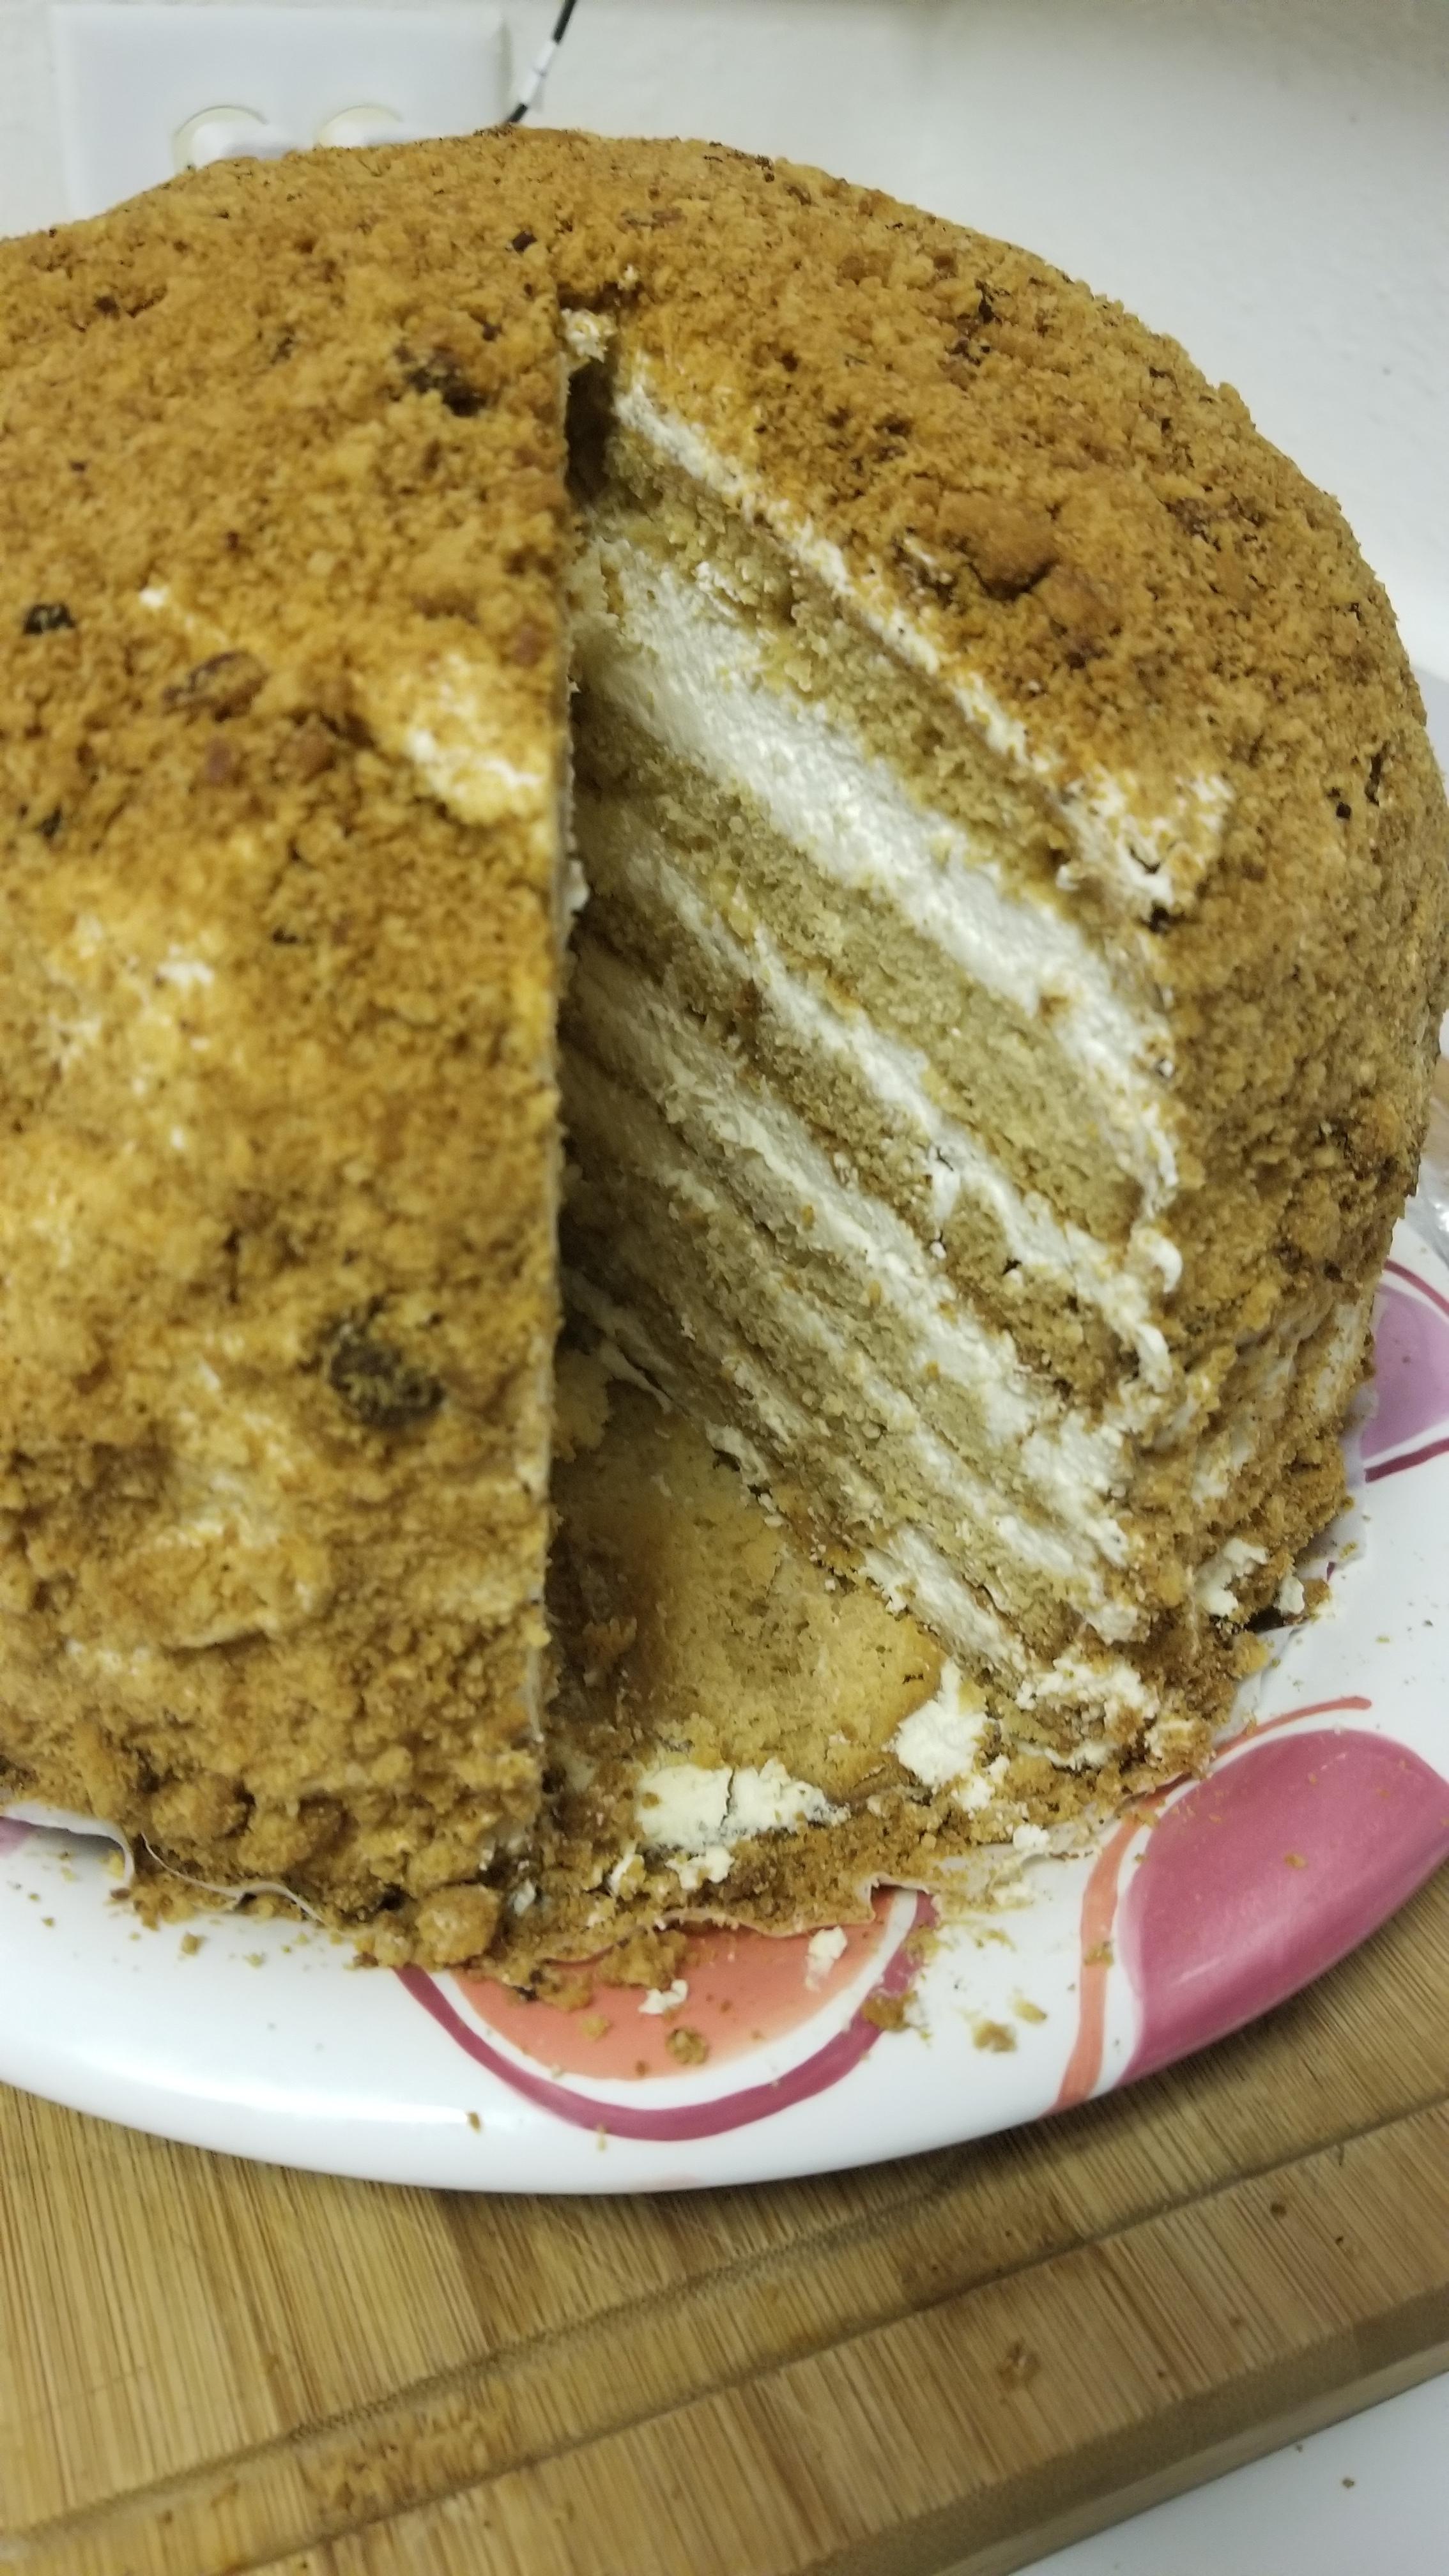 Russian Honey Cake Brian Crabtree